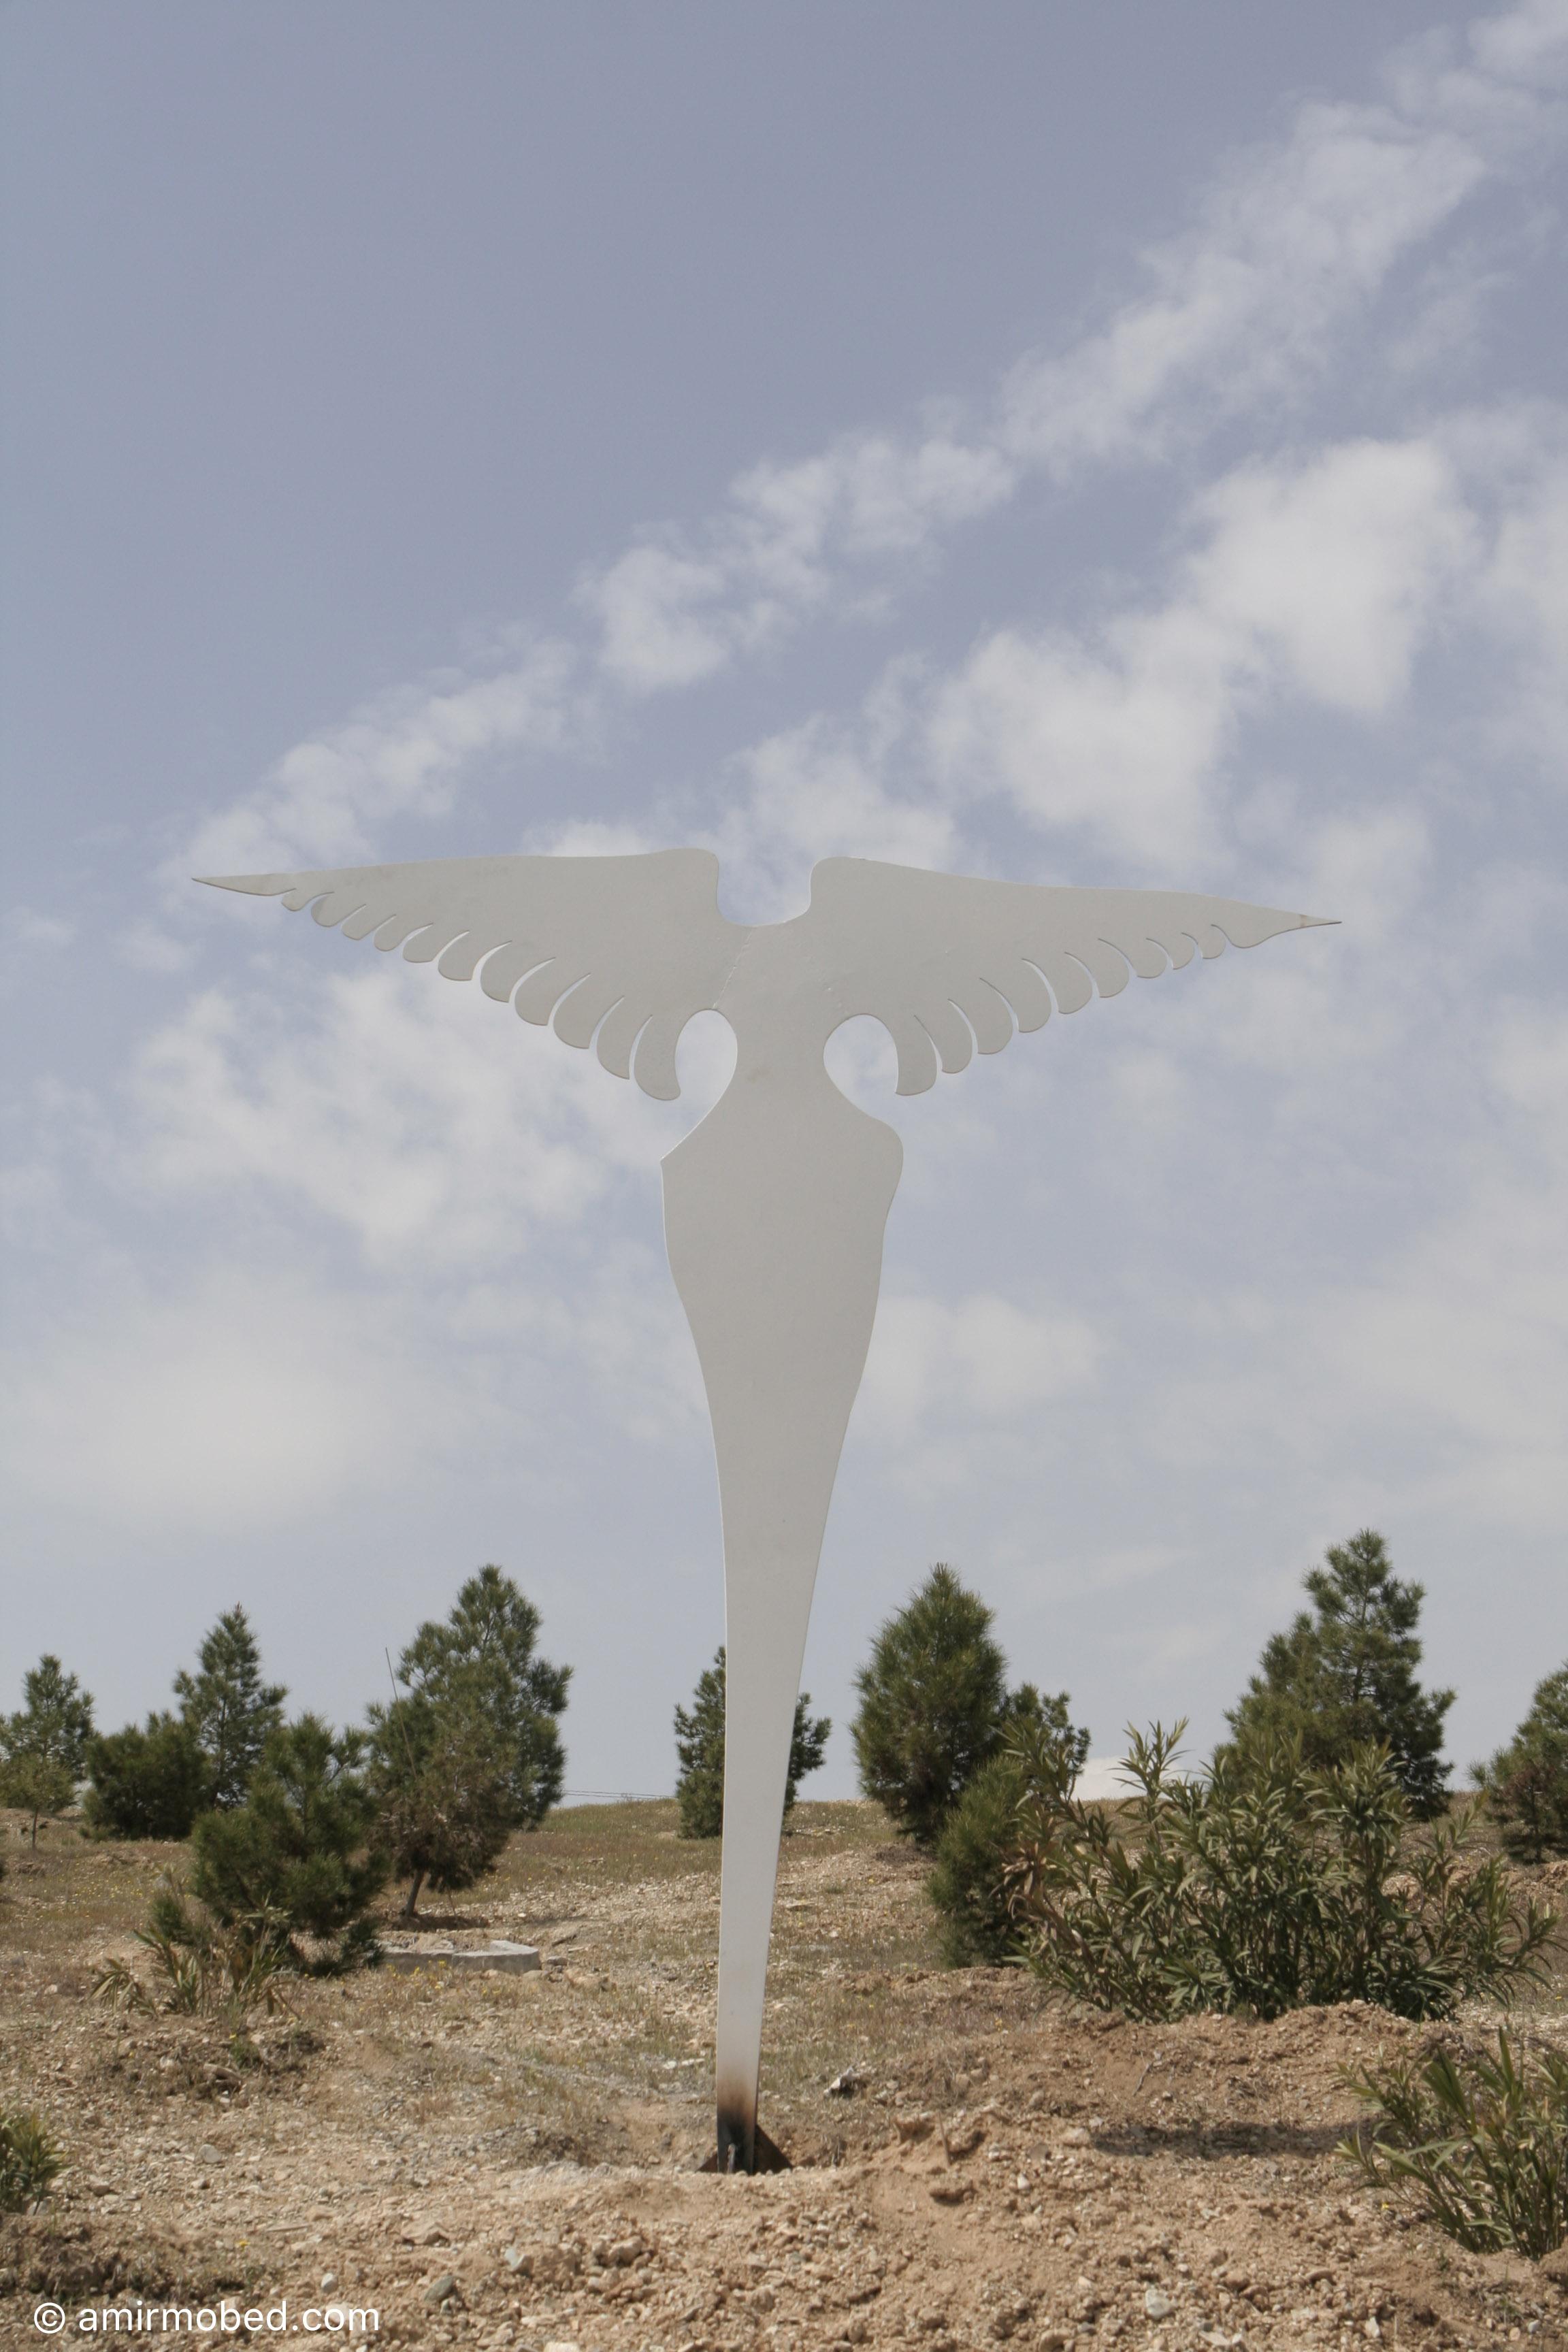 فرشتهها، چیدمان، ۱۳۹۱